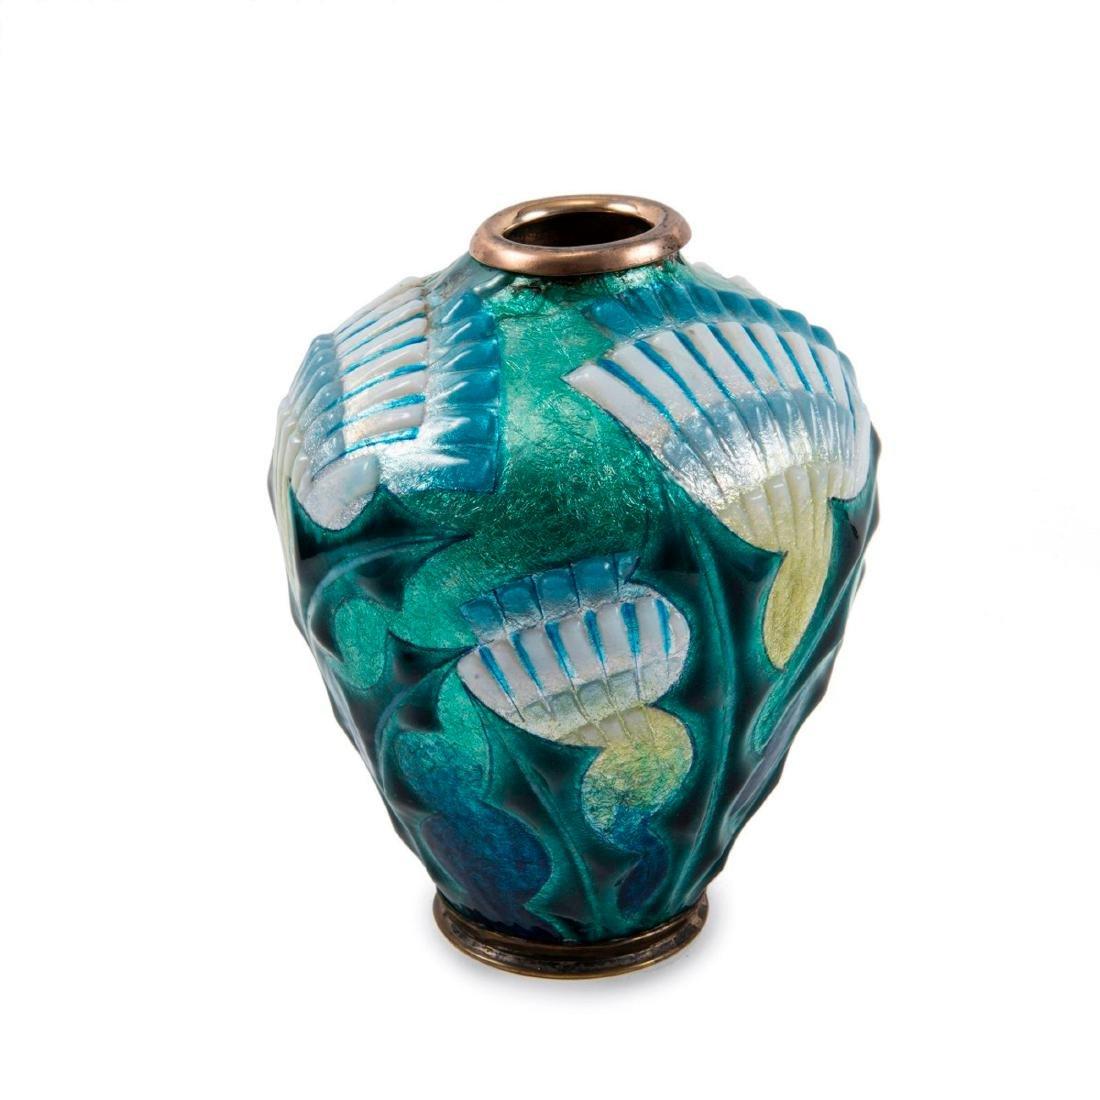 Vase, c. 1928